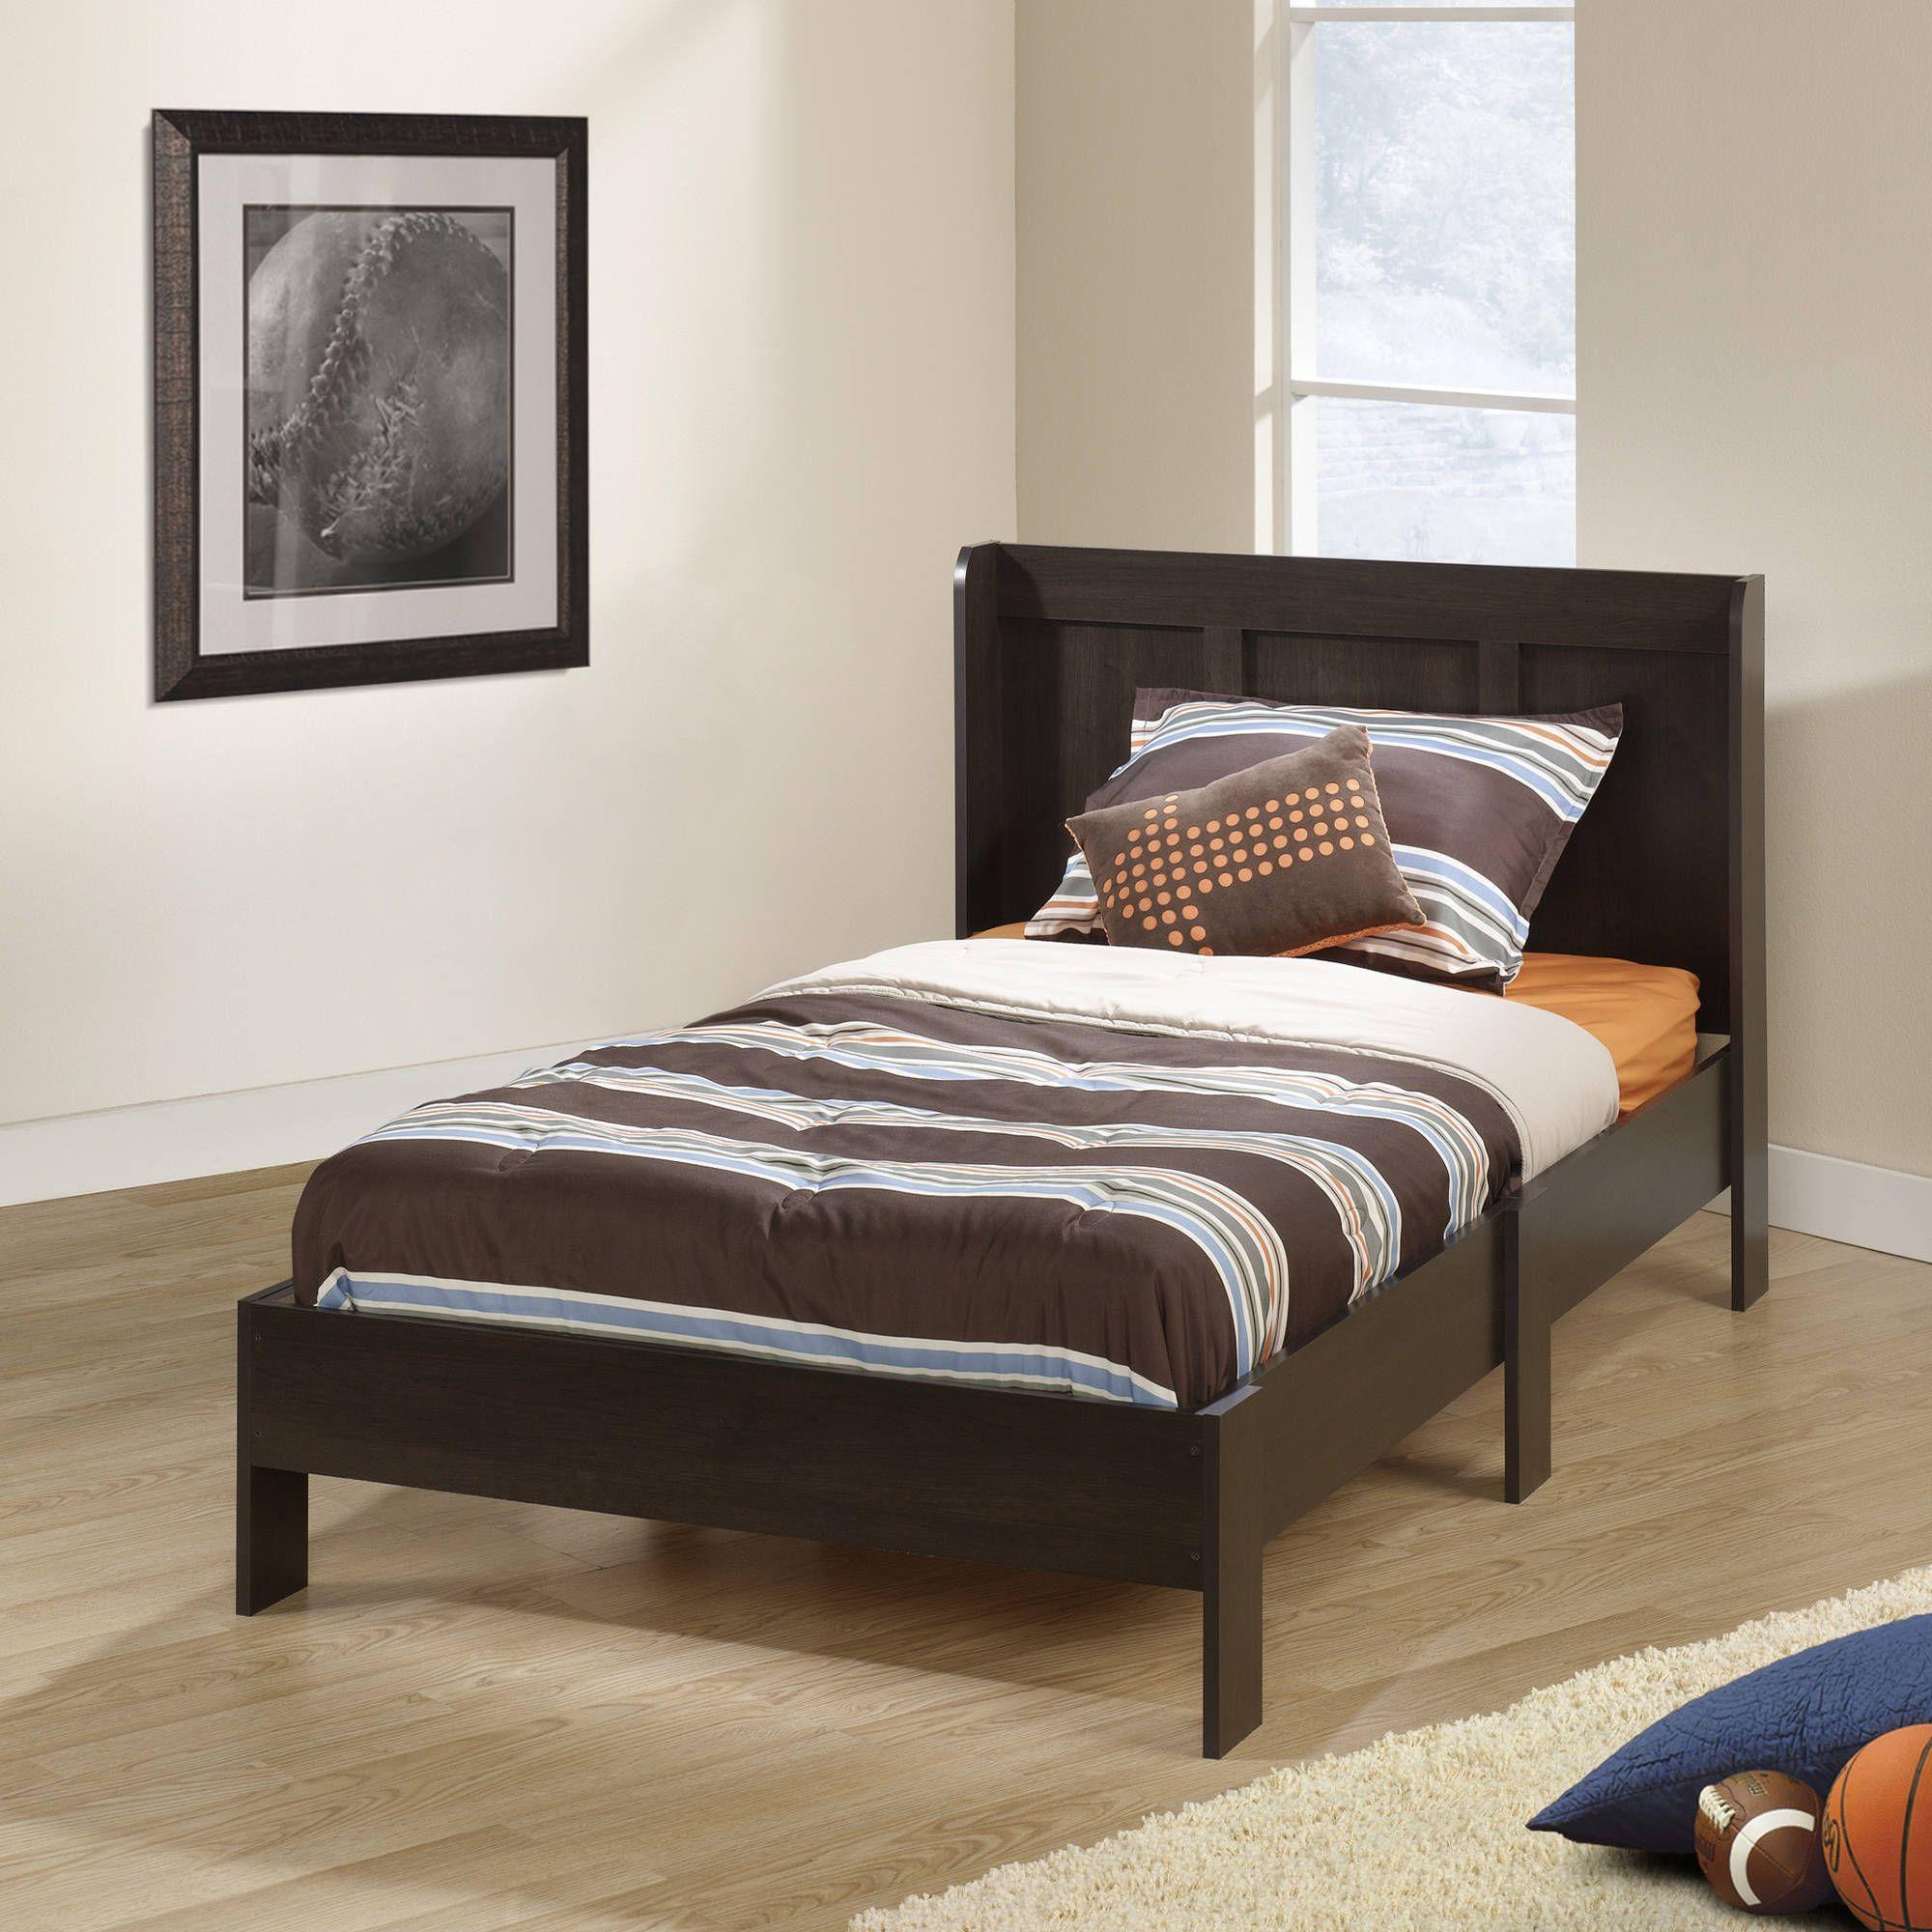 Home Kopfteil Bett Bett Mobel Schlafzimmermobel